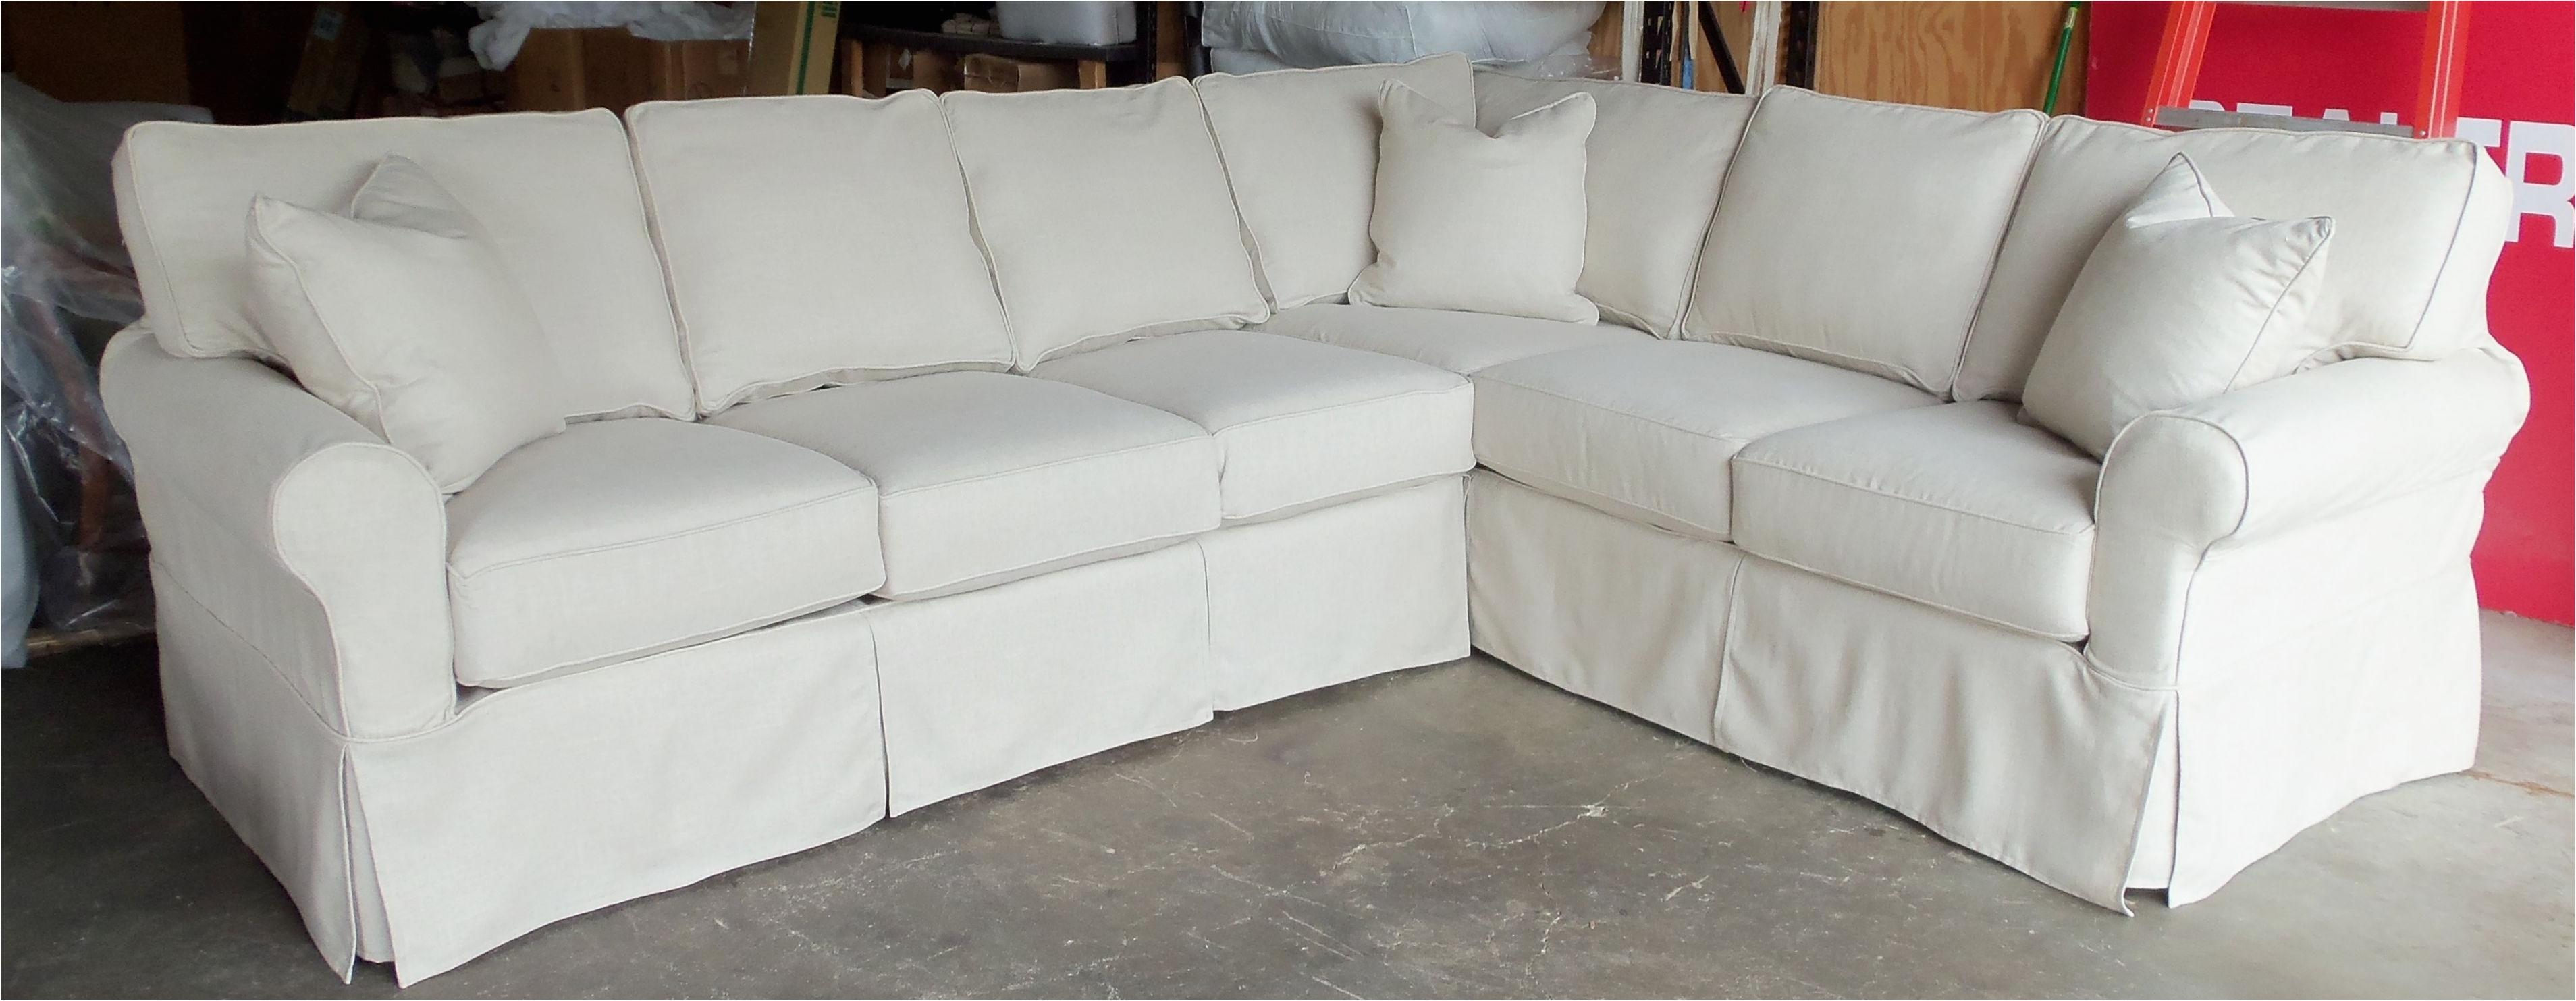 discount furniture birmingham al inspirational 20 s sectional sofas at birmingham al collection of discount furniture